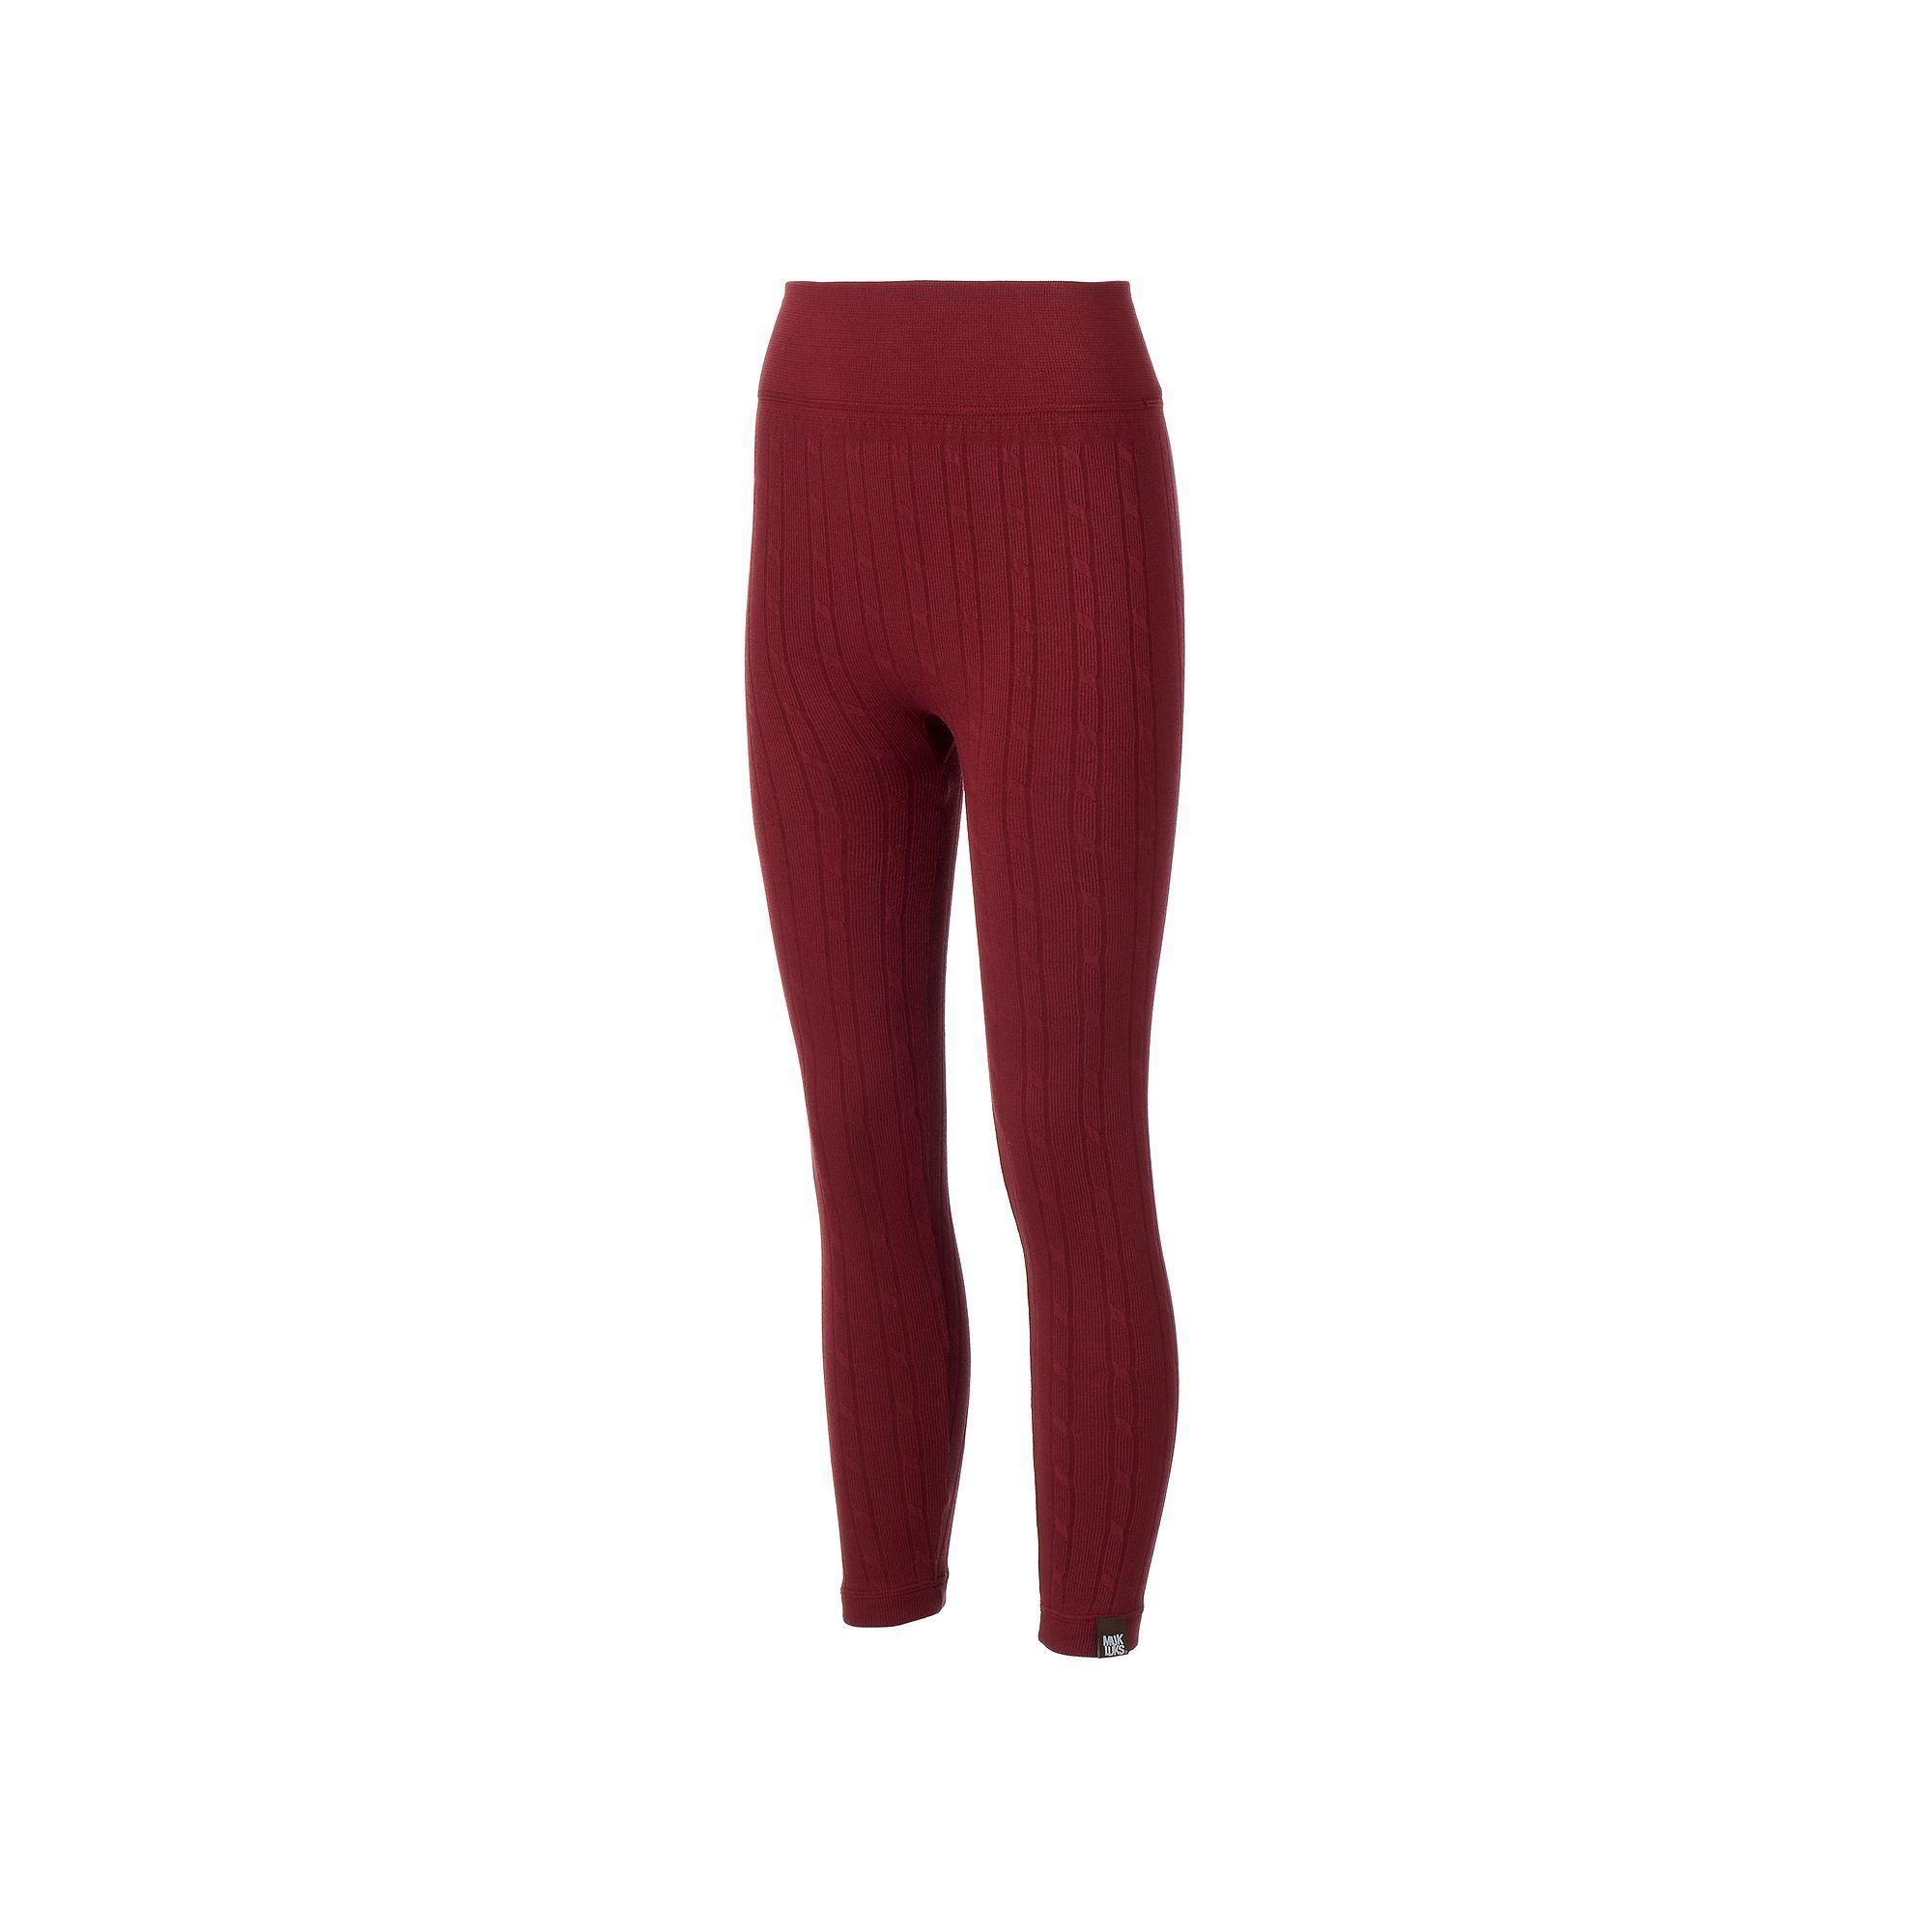 2c7c64673de999 Muk Luks Fleece-Lined Leggings | Products | Leggings, Cable Knit ...